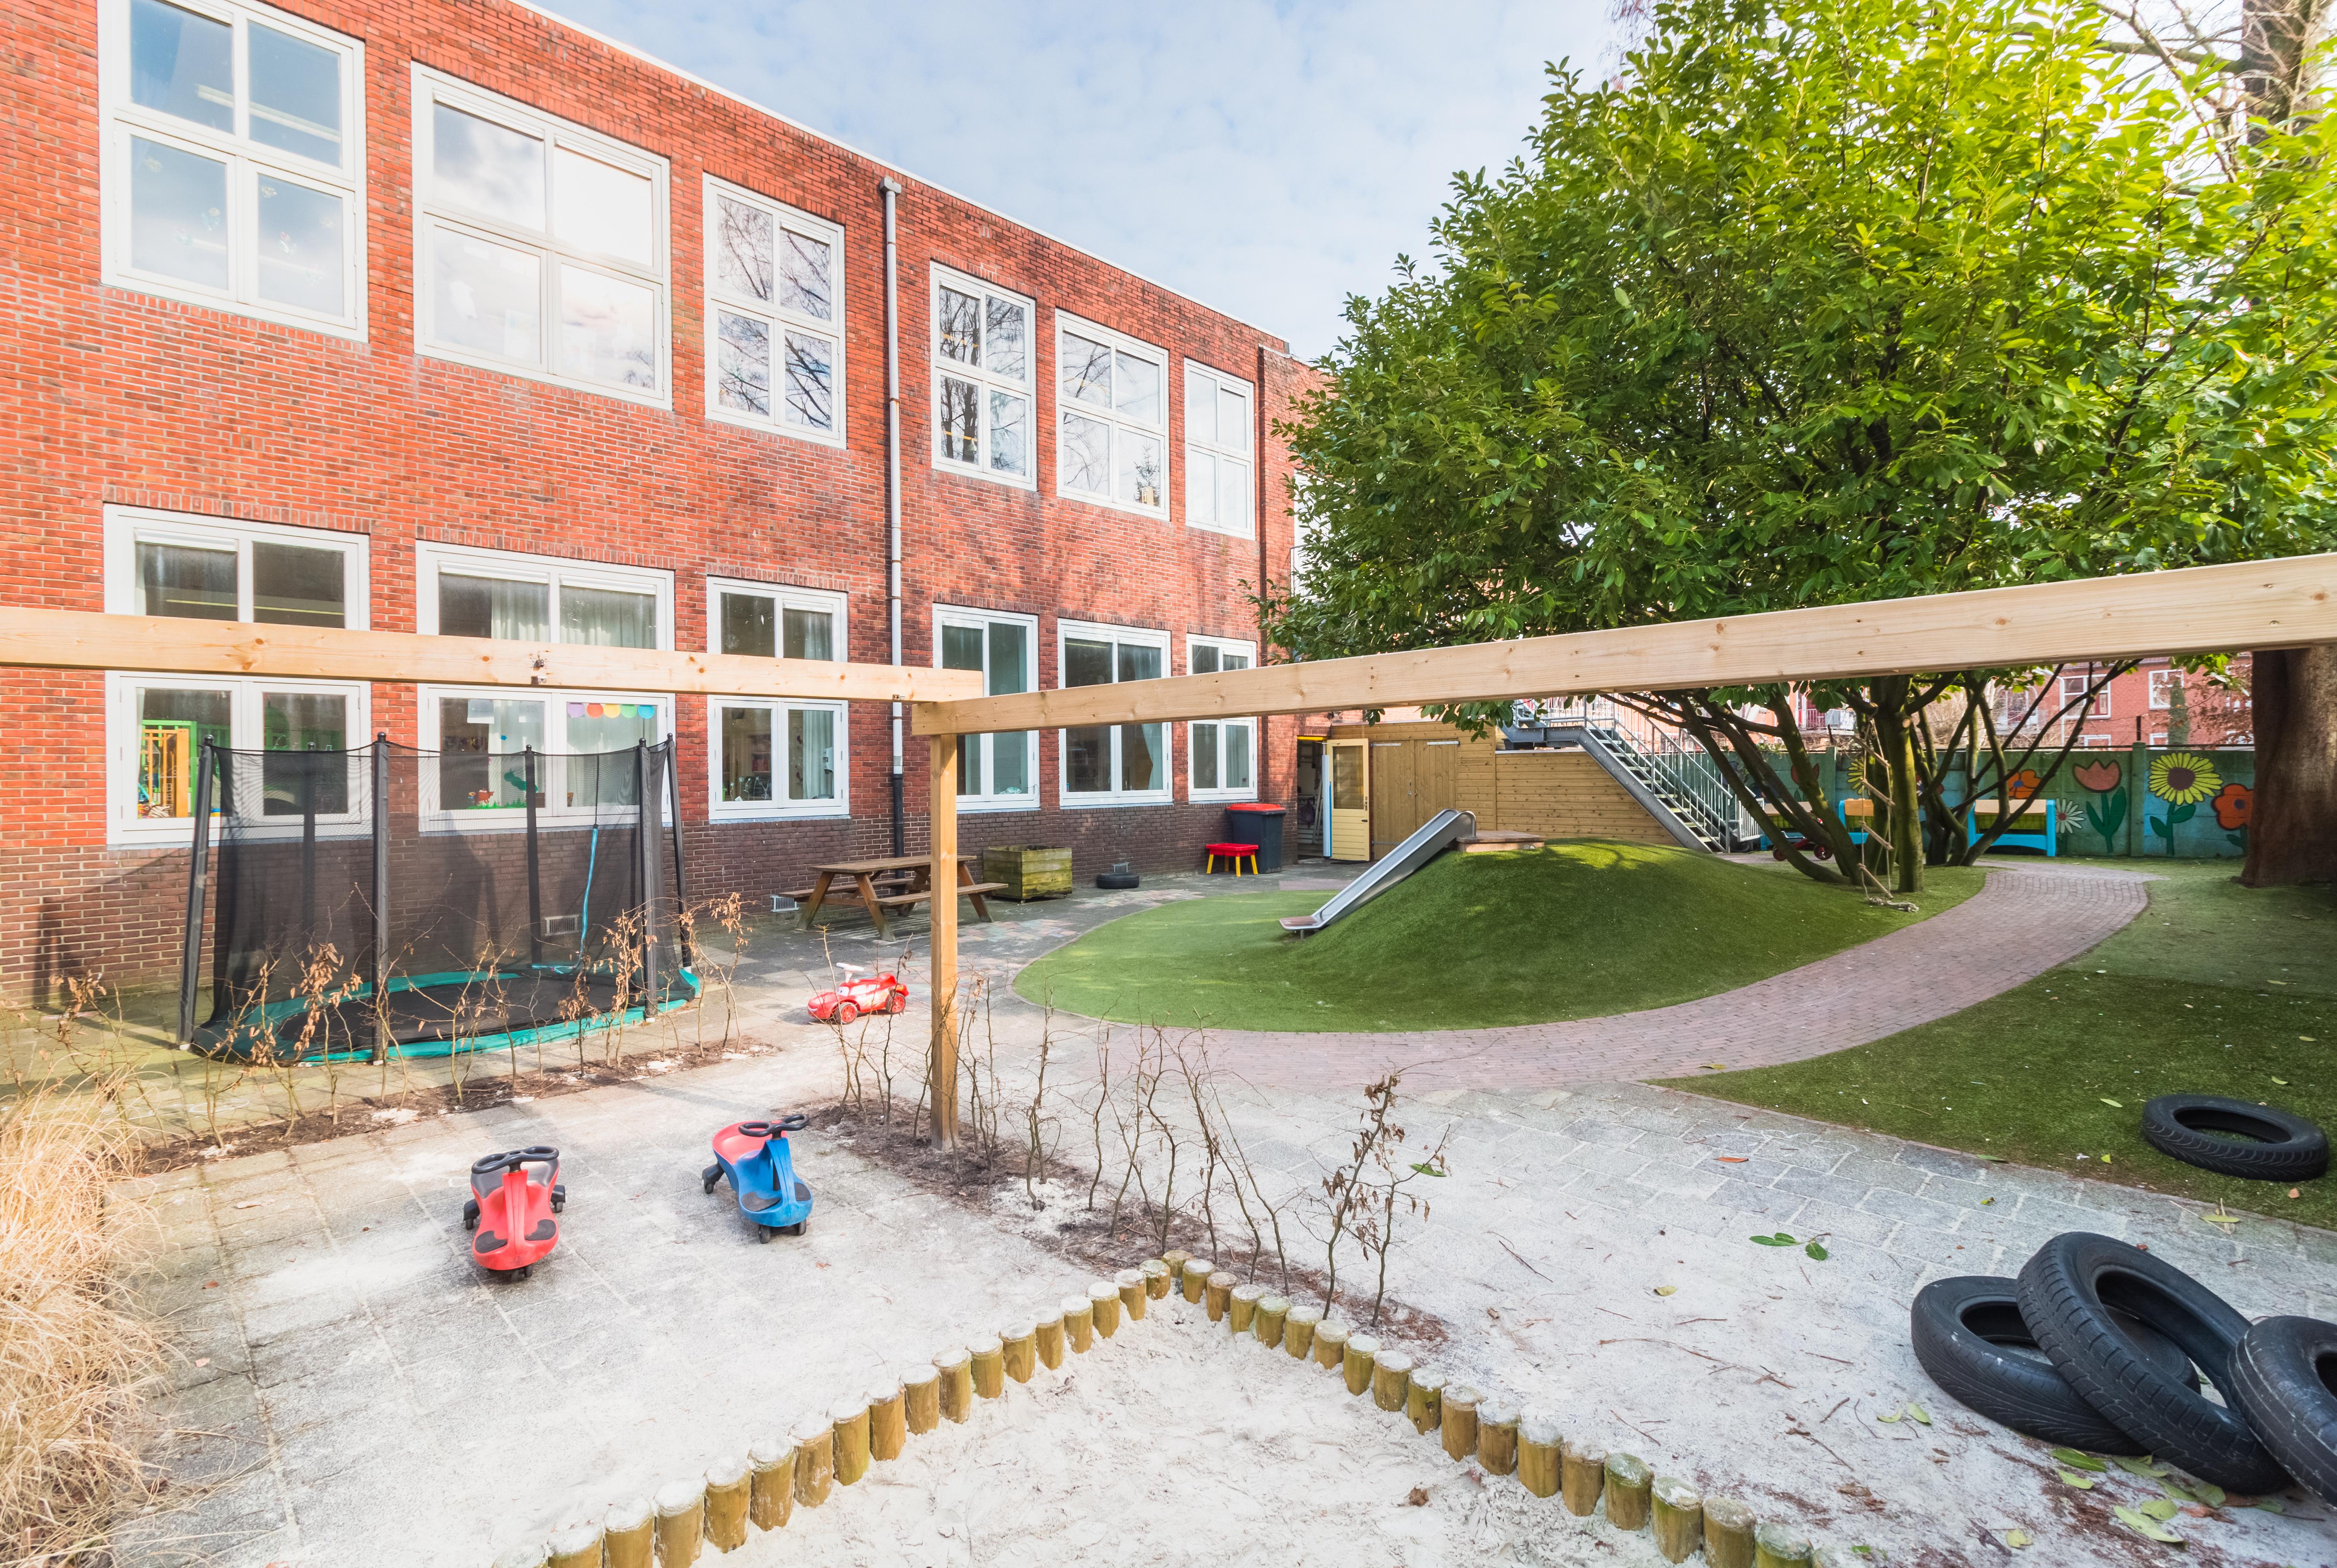 Lutje Potje Peuteropvang Groningen buiten - Kids First COP Groep